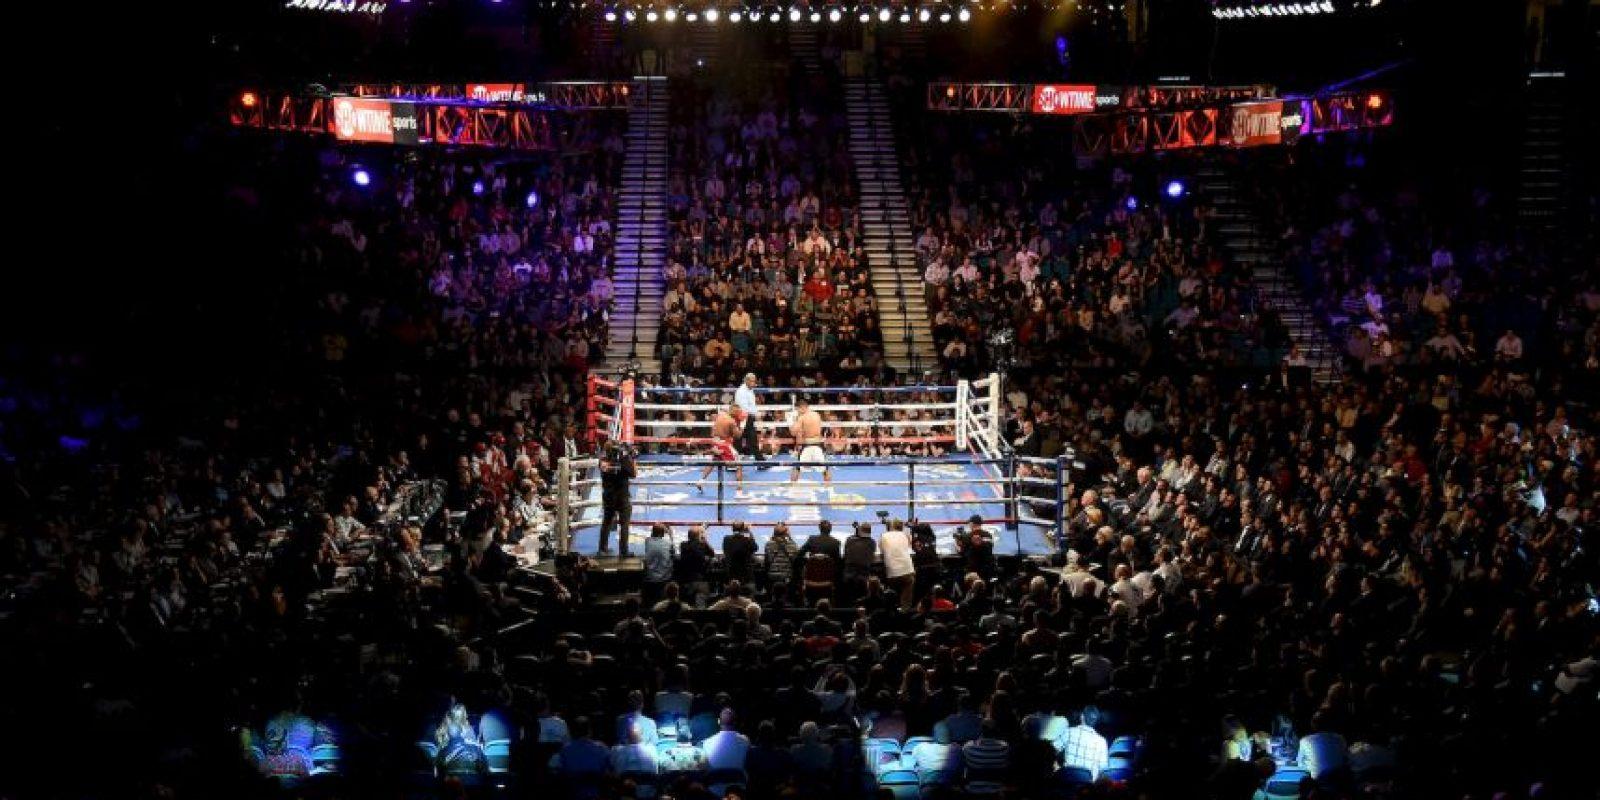 La pelea será en el MGM Gran Garden Arena de Las Vegas que tiene capacidad para 16 mil 800 espectadores. Foto:Getty Images